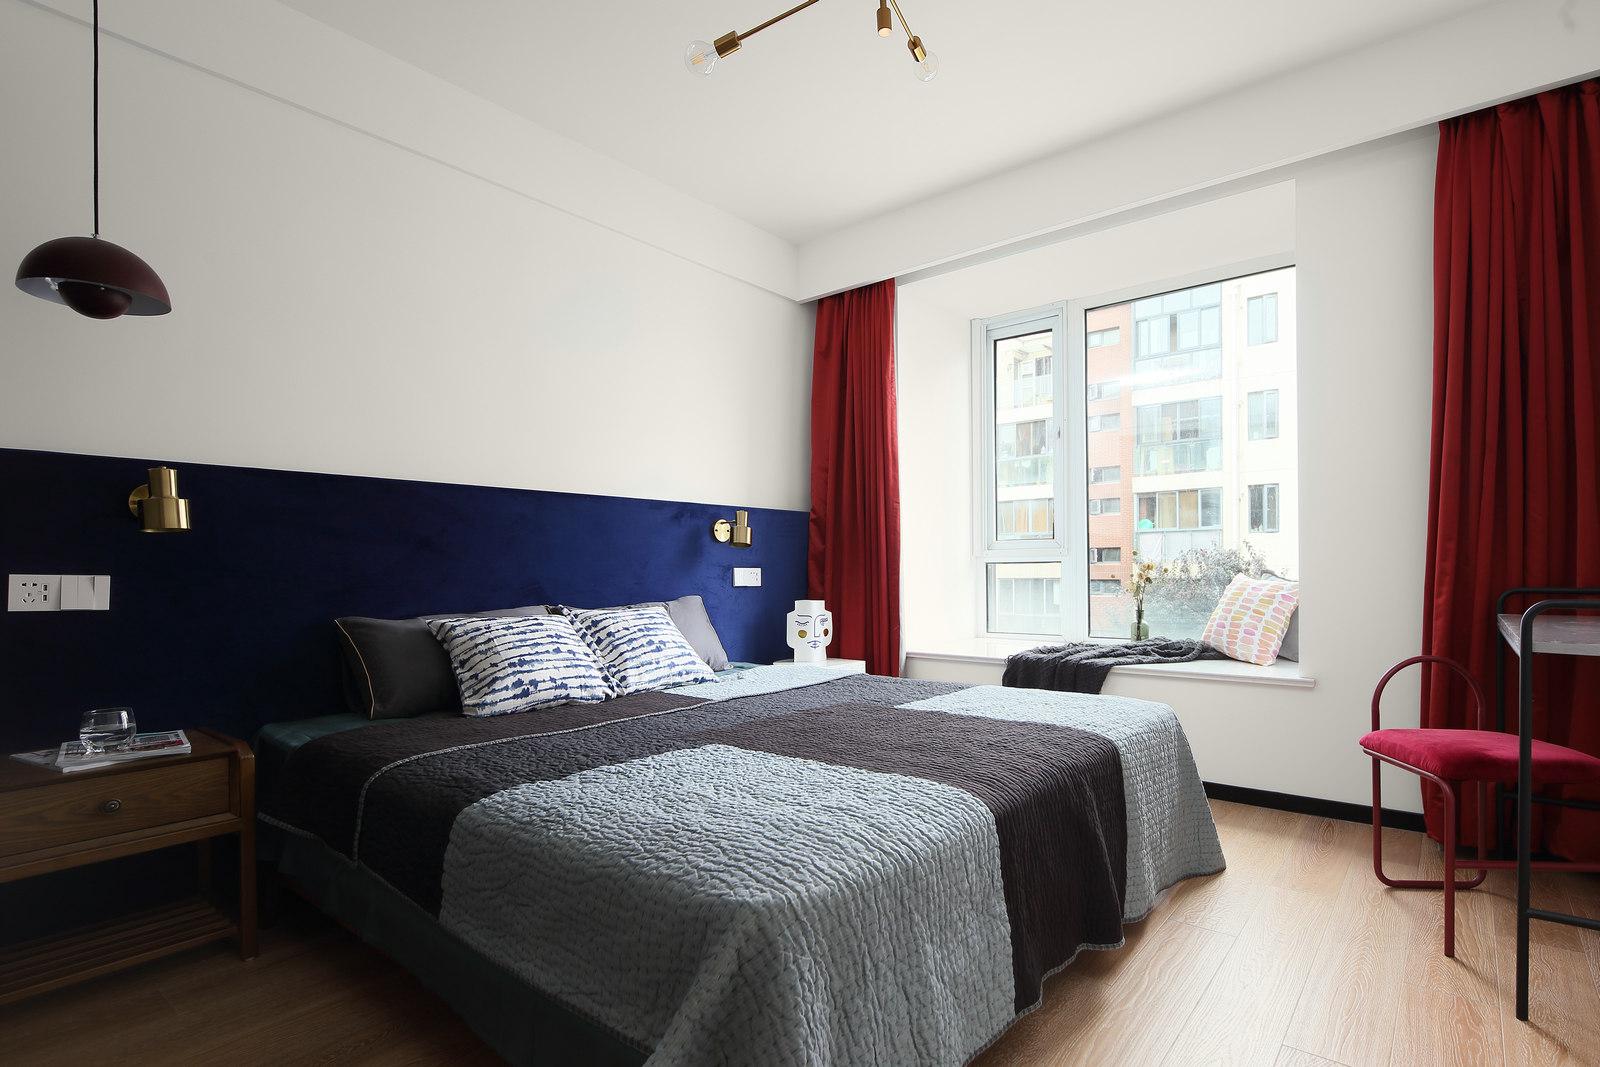 简约北欧风格三居卧室装修效果图